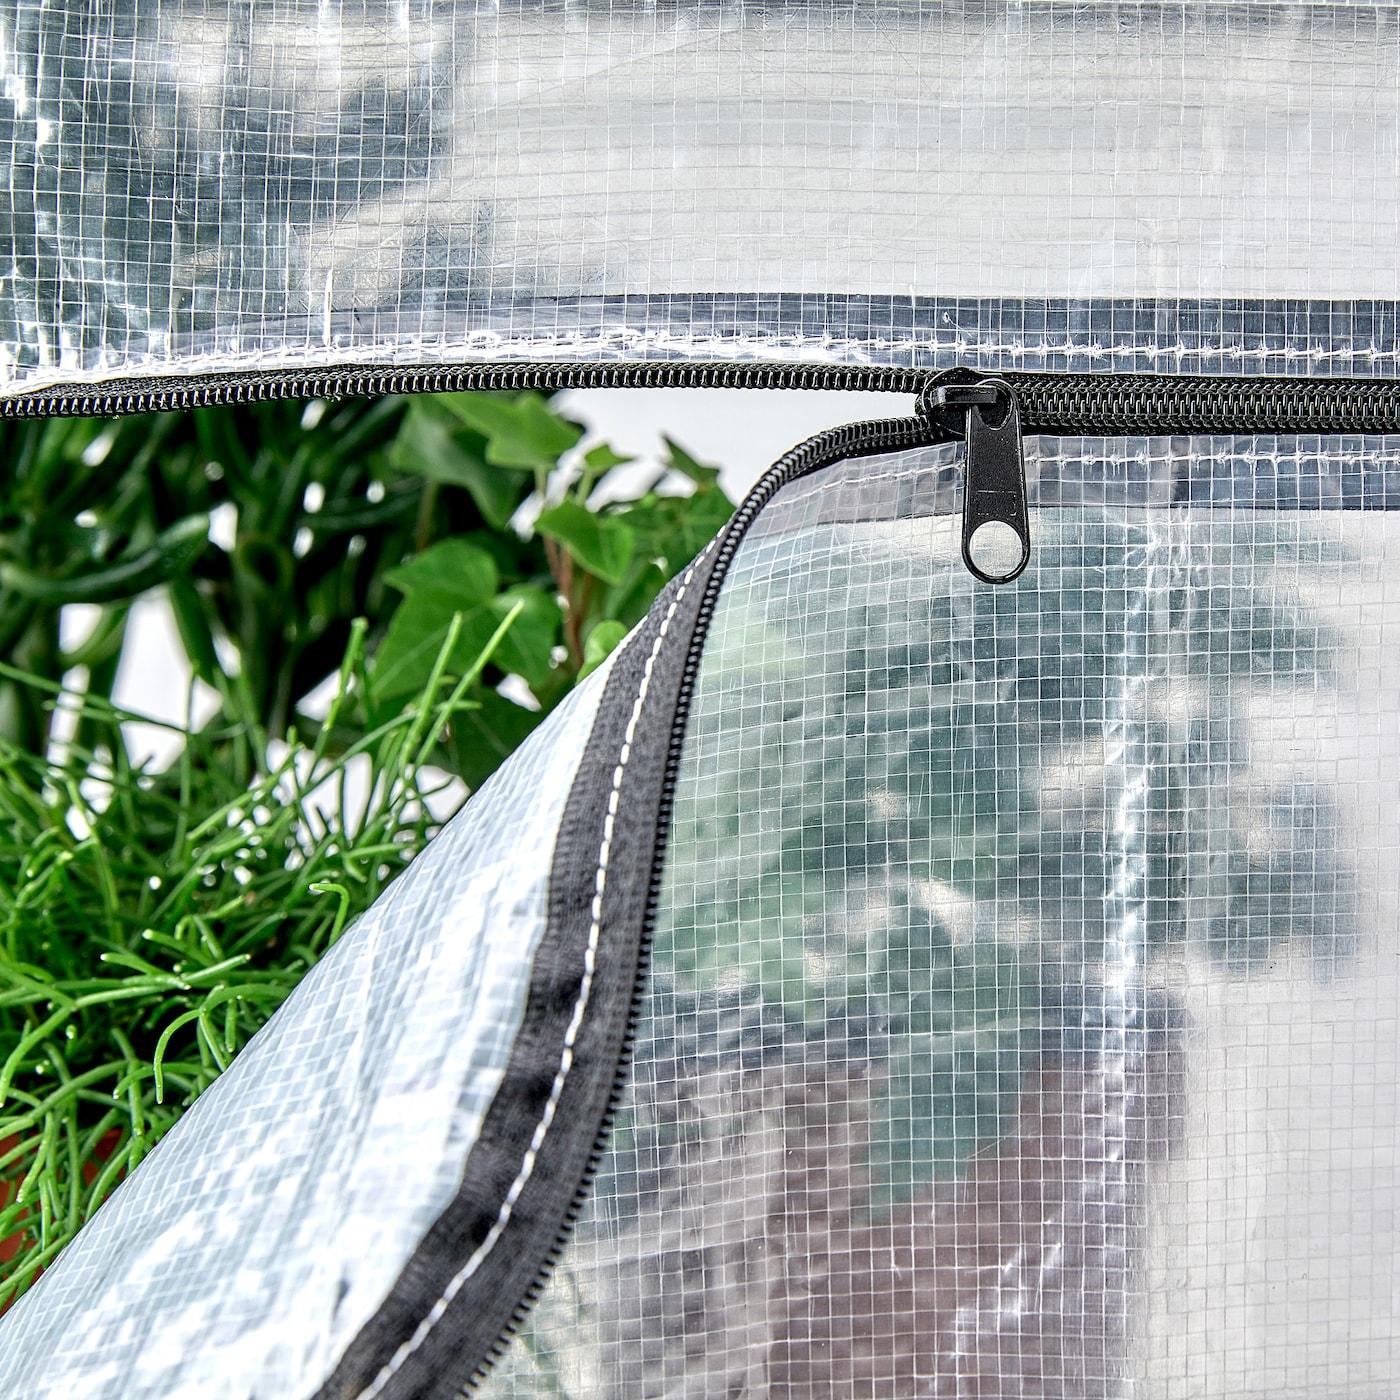 """HYLLIS Cover, transparent indoor/outdoor, 23 5/8x10 5/8x55 1/8 """""""